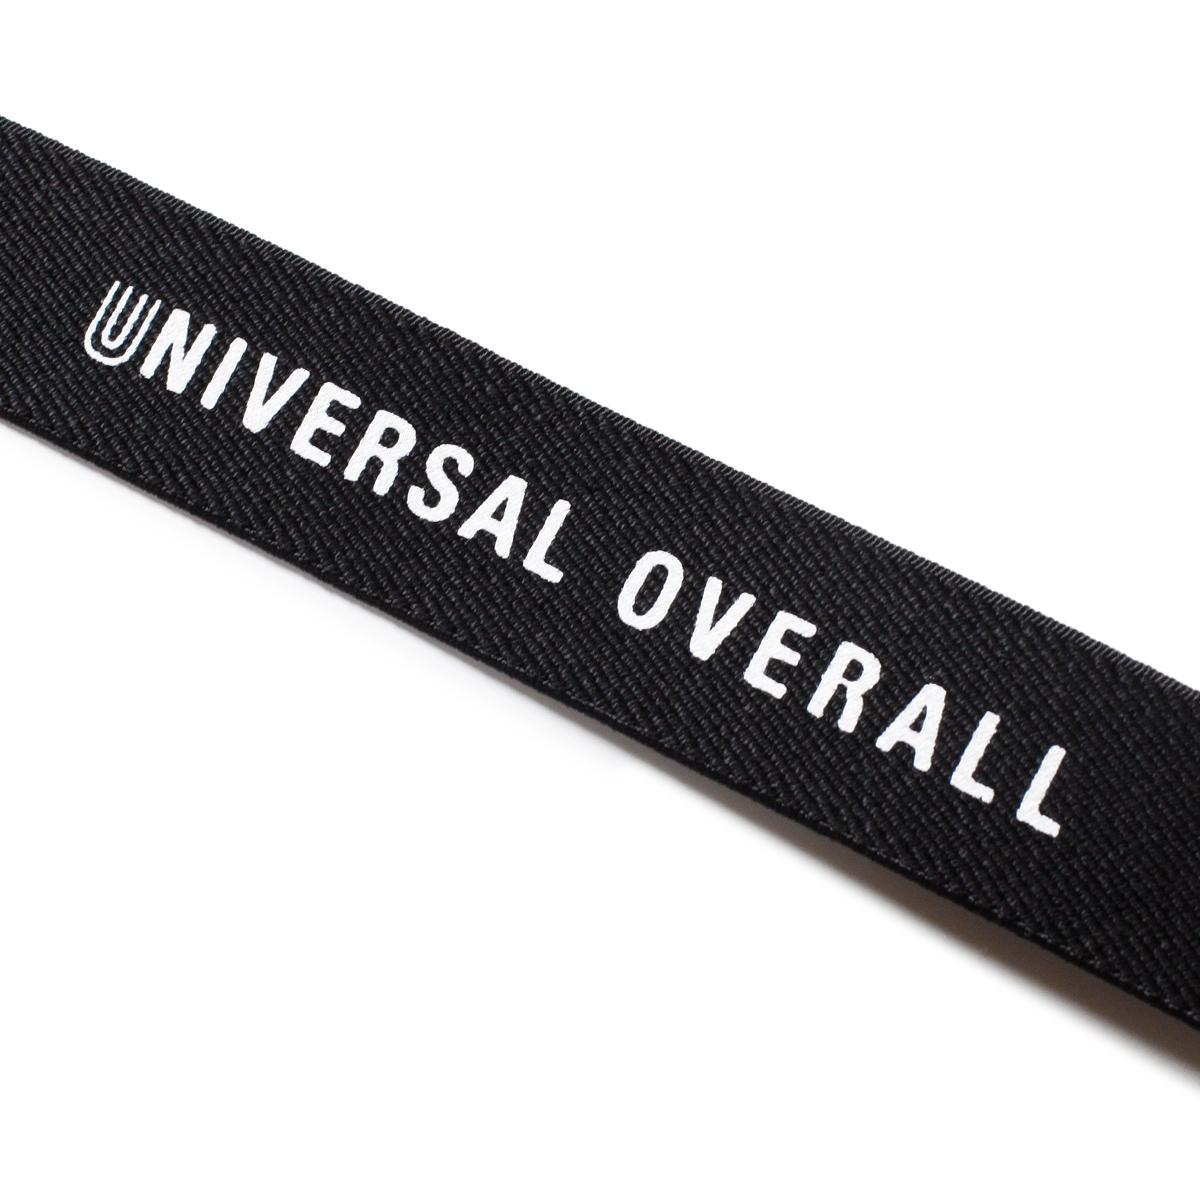 UNIVERSAL OVERALL ユニバーサルオーバーオール ロゴプリントサスペンダー